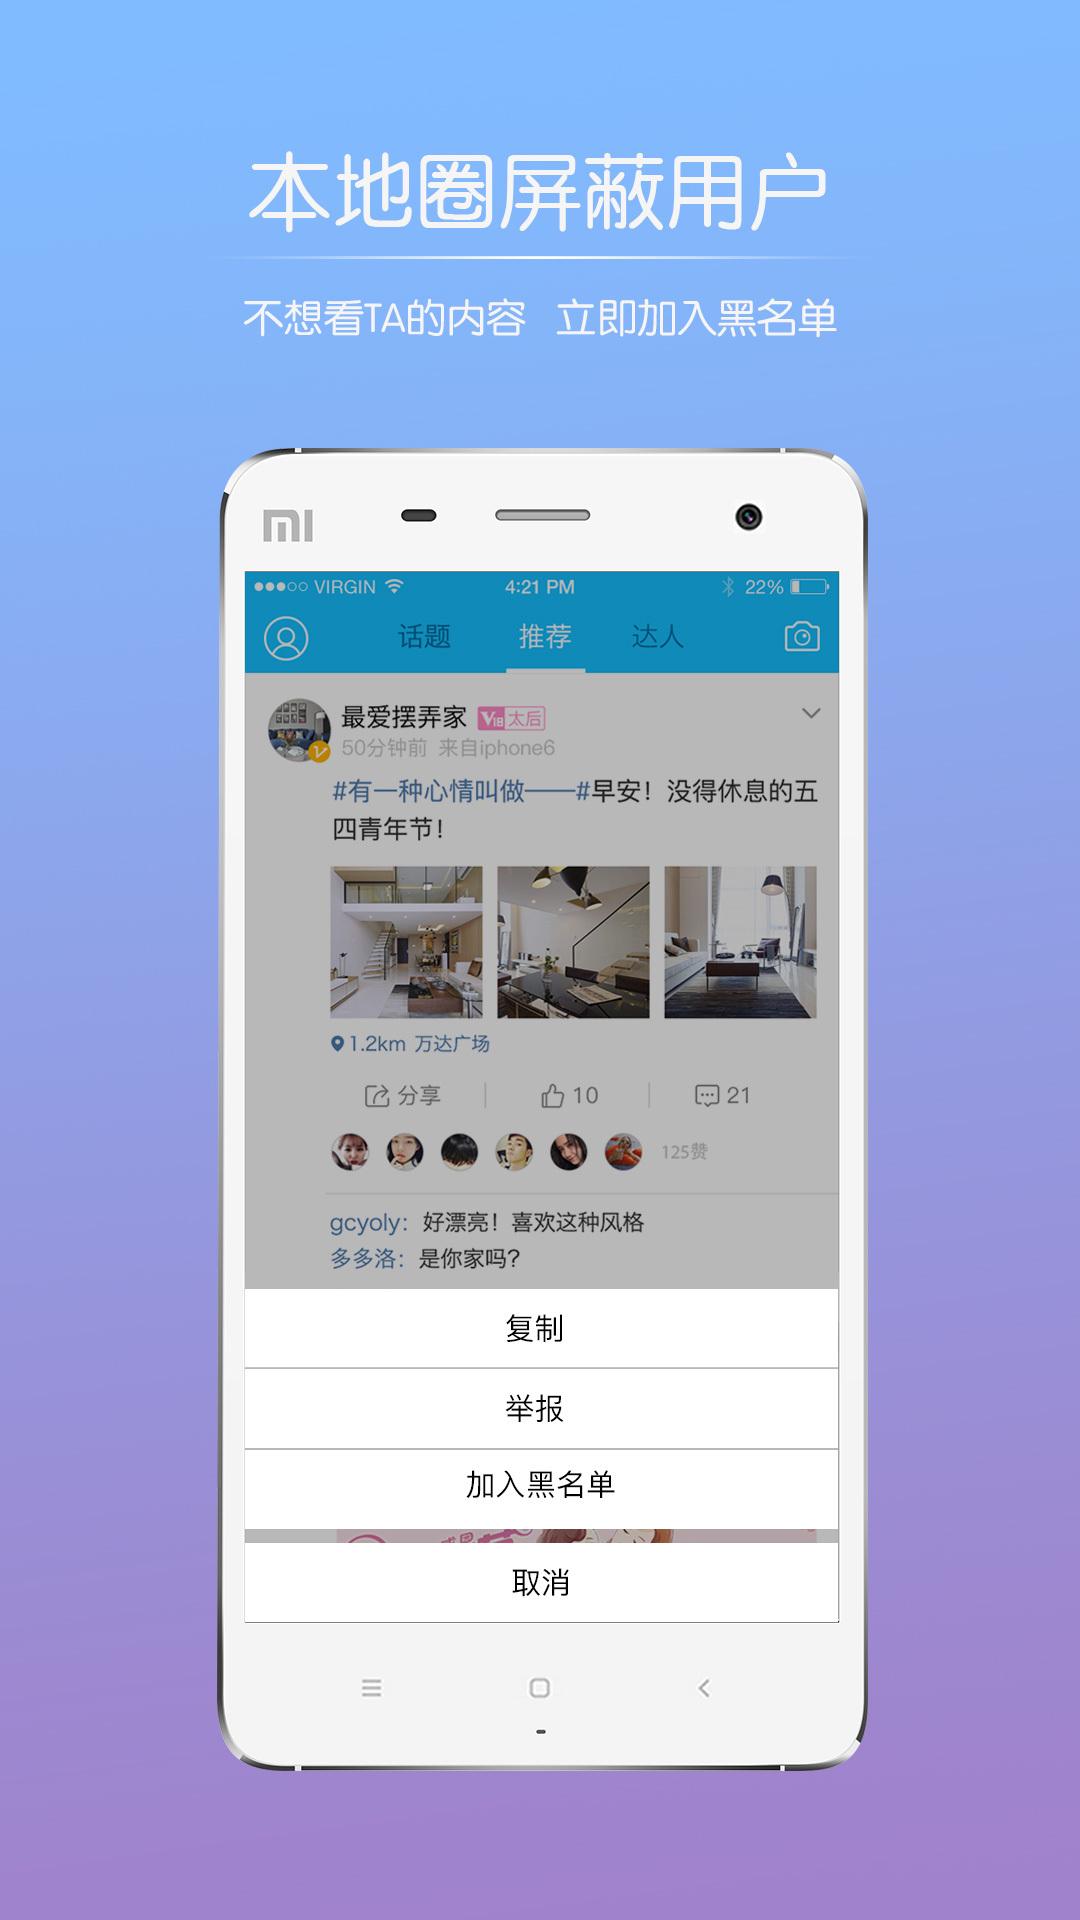 爱泗洪app官方网站下载图2: